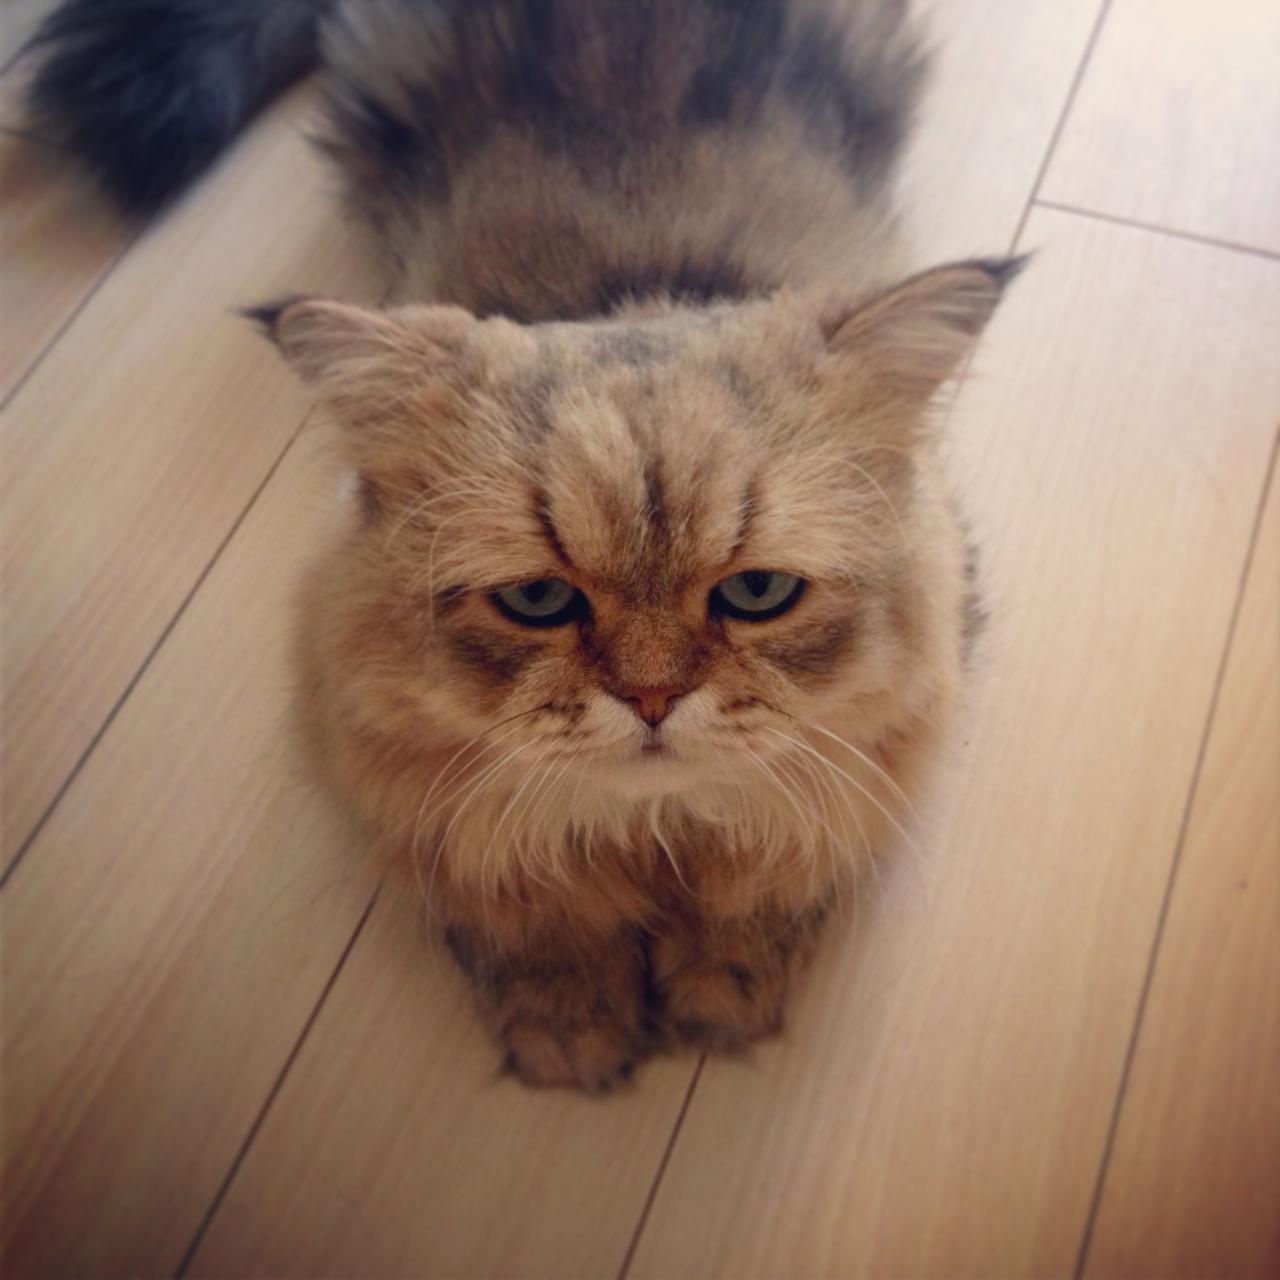 Разочарованный котик из Японии, Фу-Чан